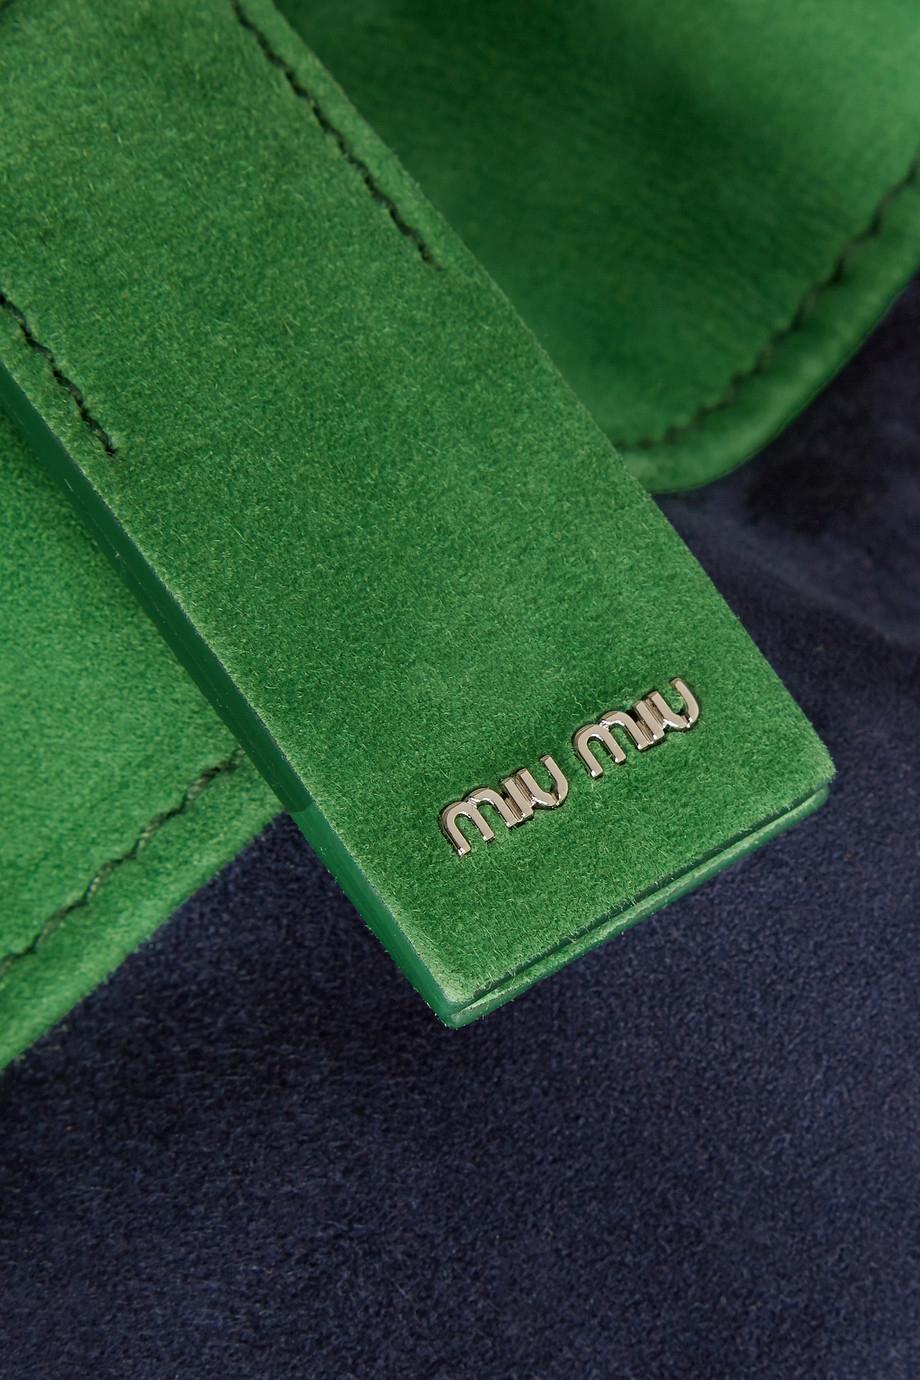 Miu Miu Camoscio Two-Tone Suede Tote in Blue